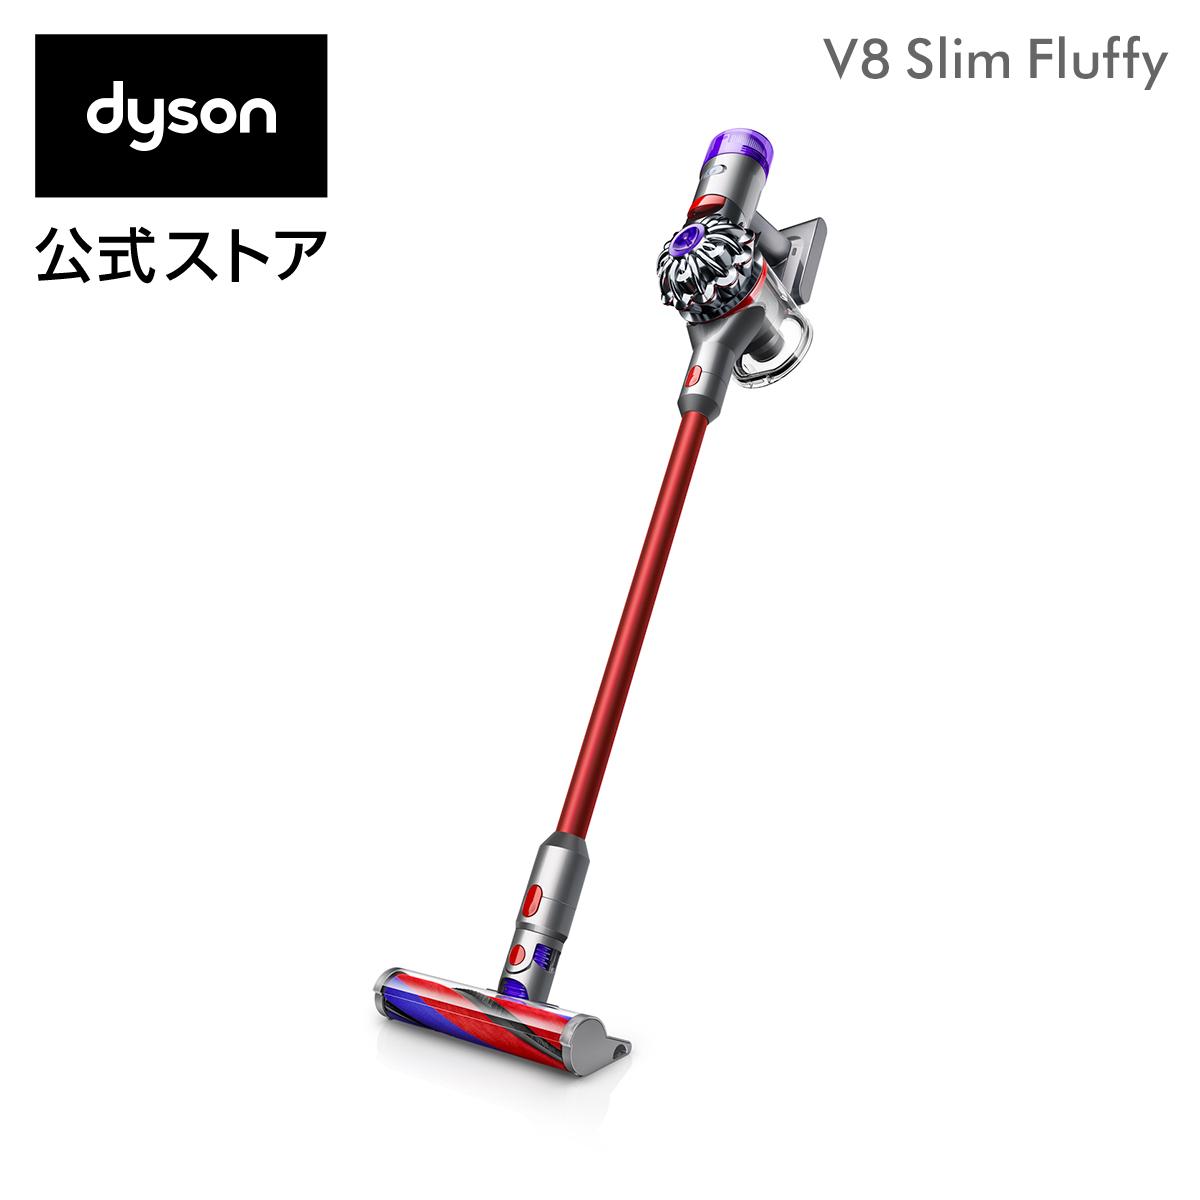 【8/21新発売】ダイソン Dyson V8 Slim Fluffy サイクロン式 コードレス掃除機 dyson SV10K SLM 軽量モデル